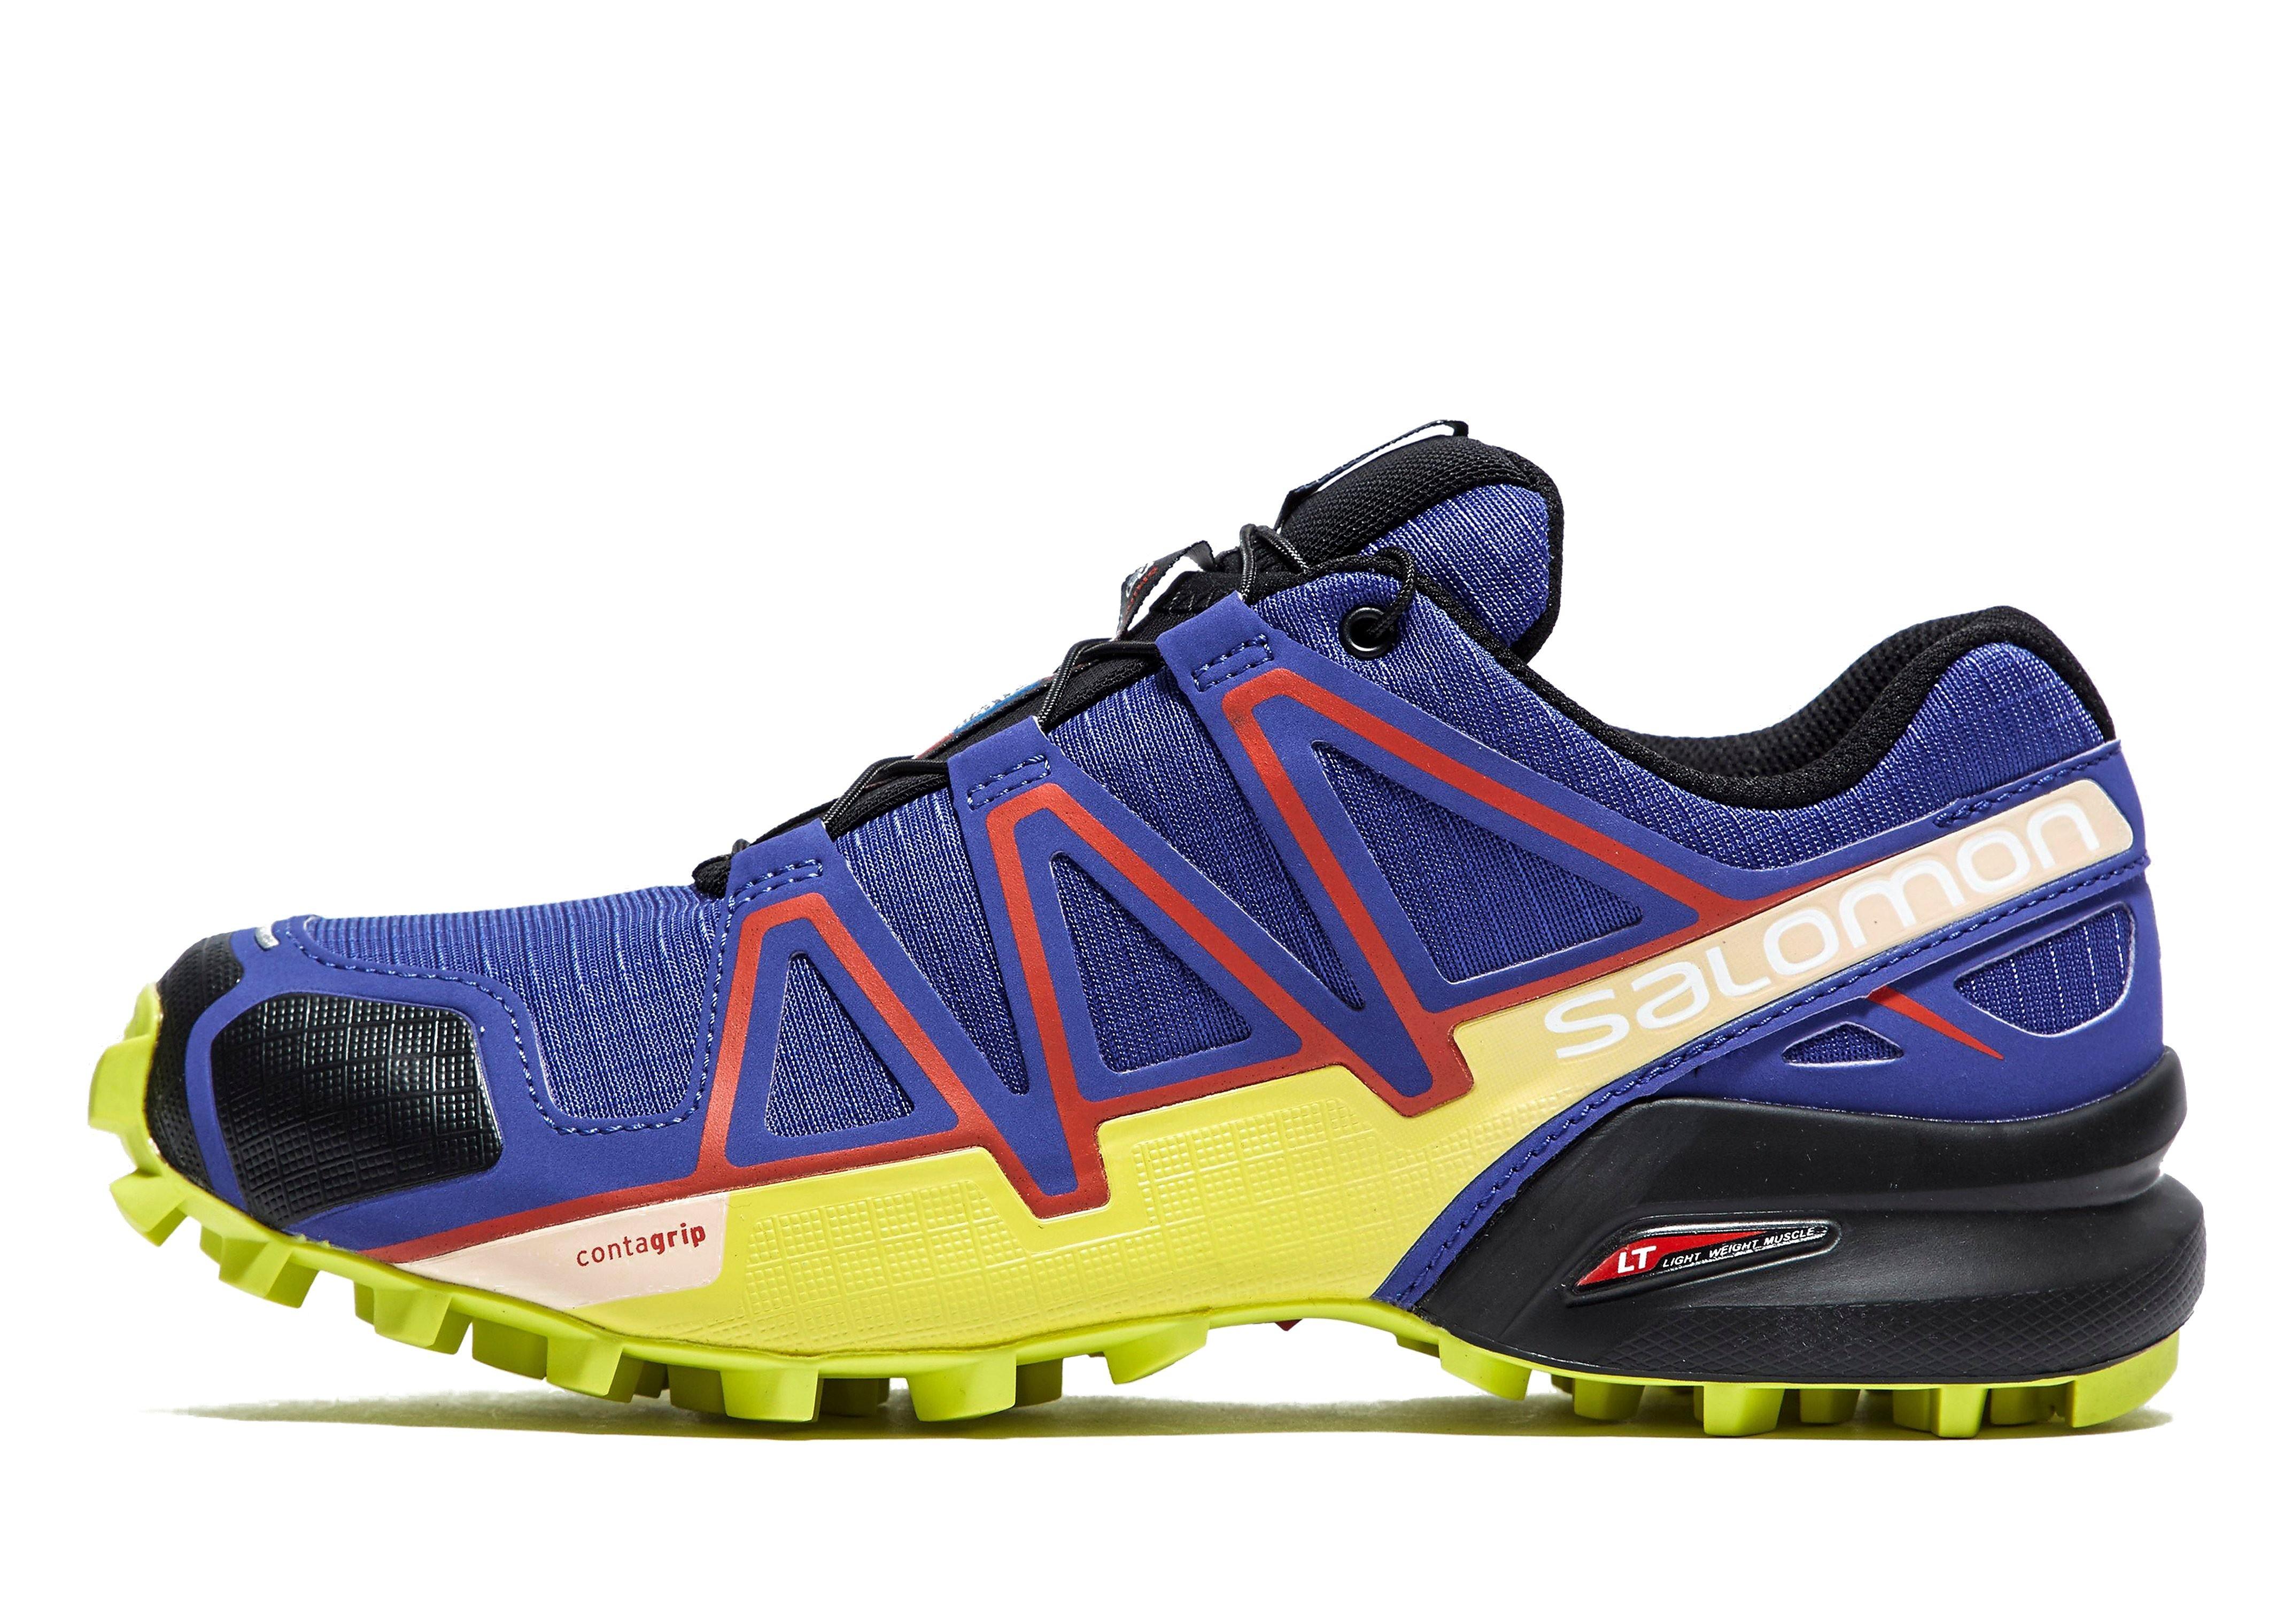 Salomon Speedcross 4 Walking Shoes Women's